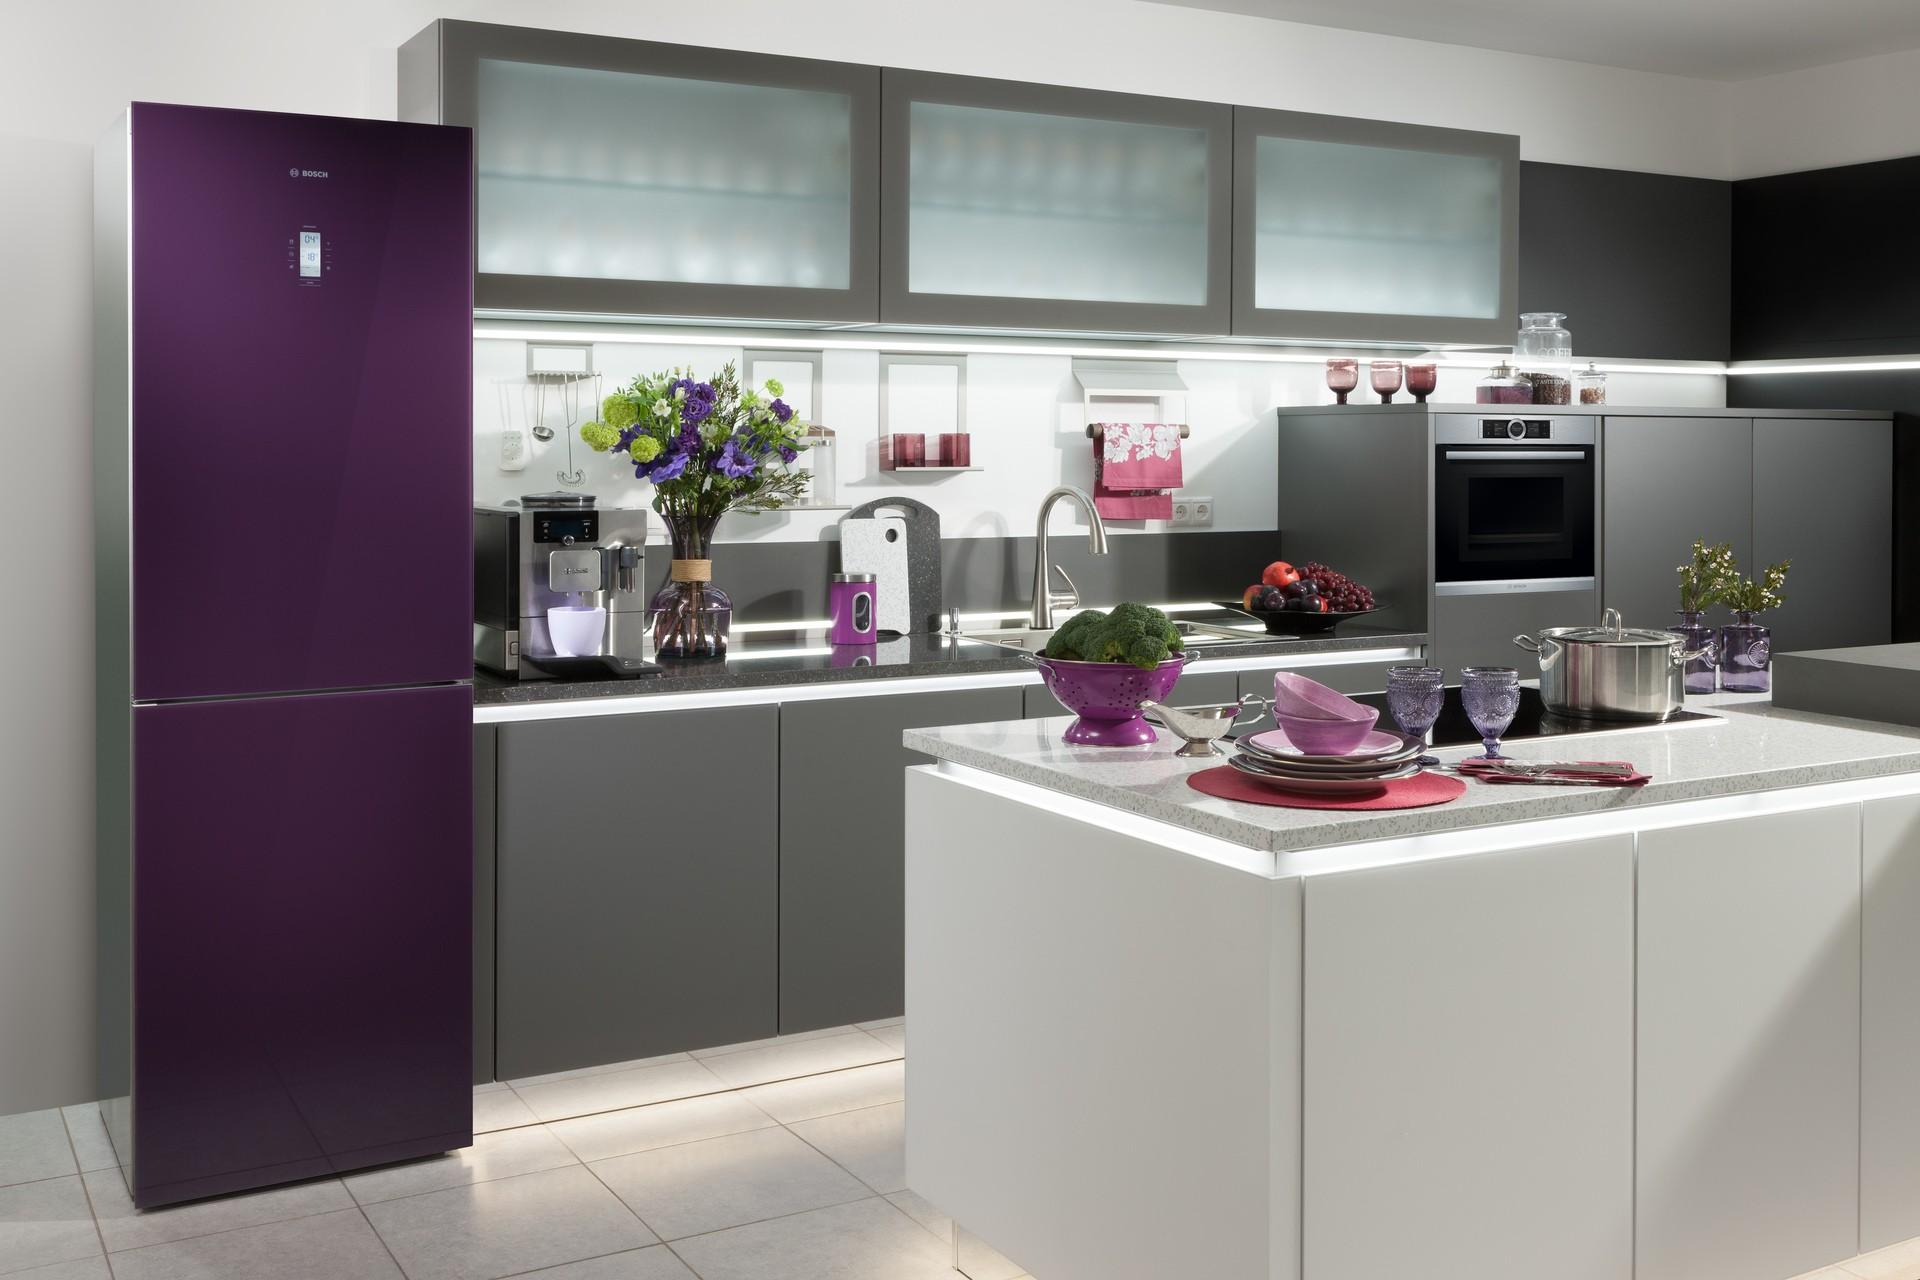 холодильник фиолетового цвета